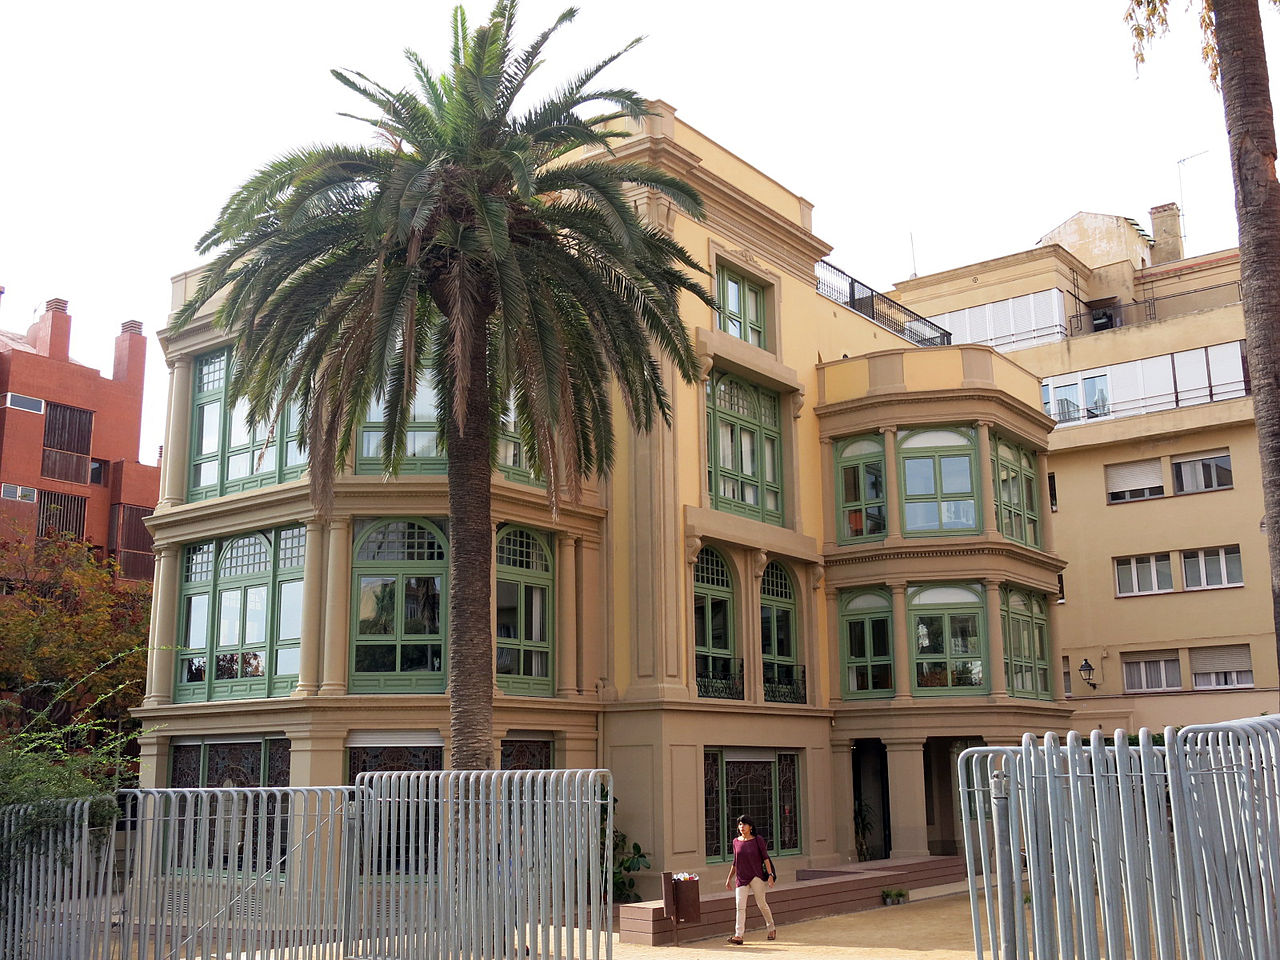 Casa Orlandai, Barcelona - Orlandai House, Barcelona